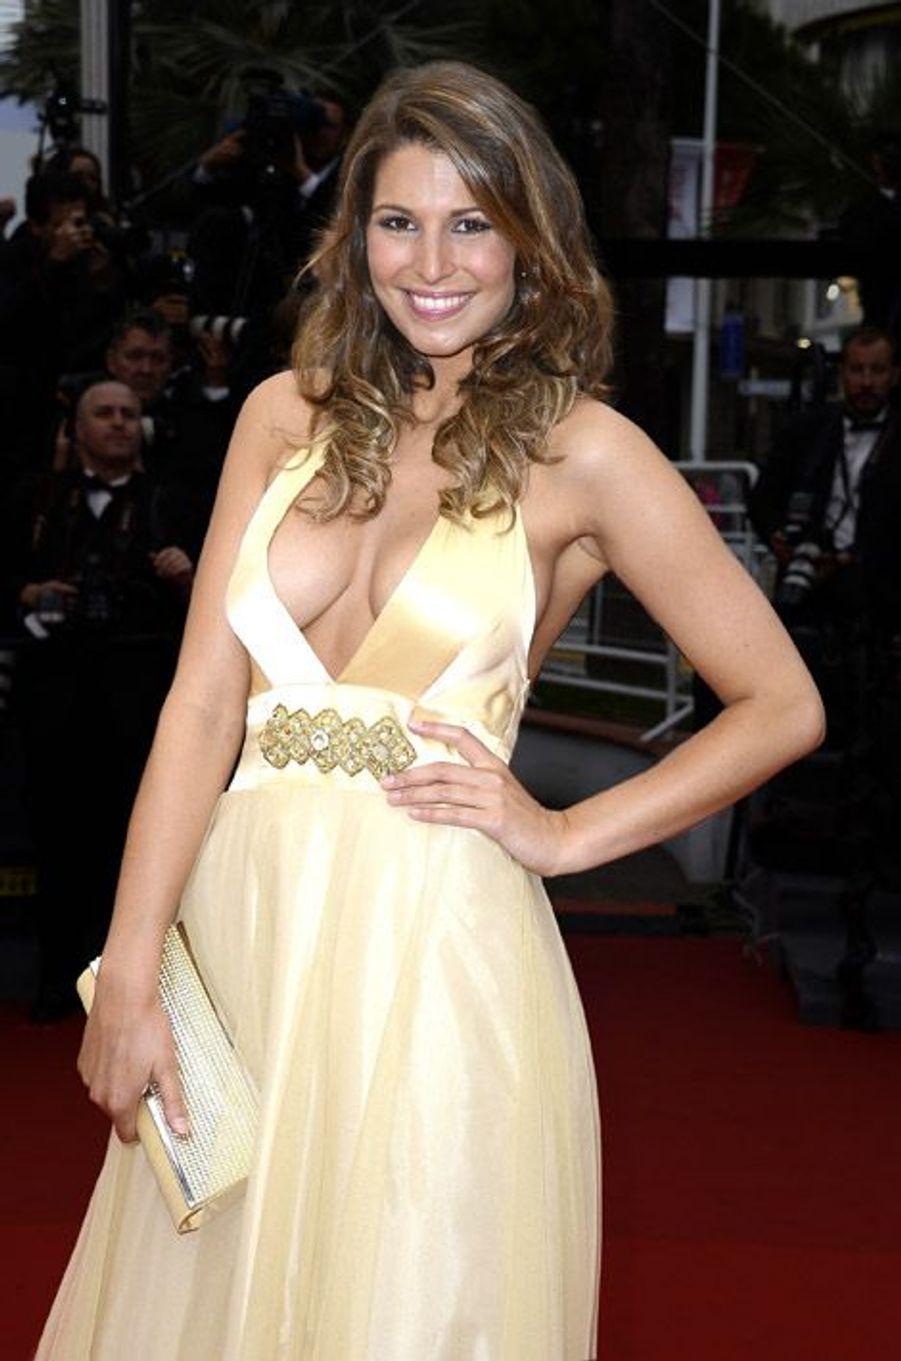 L'ancienne Miss France, Laury Thilleman lors du Festival de Cannes, le 16 mai 2013